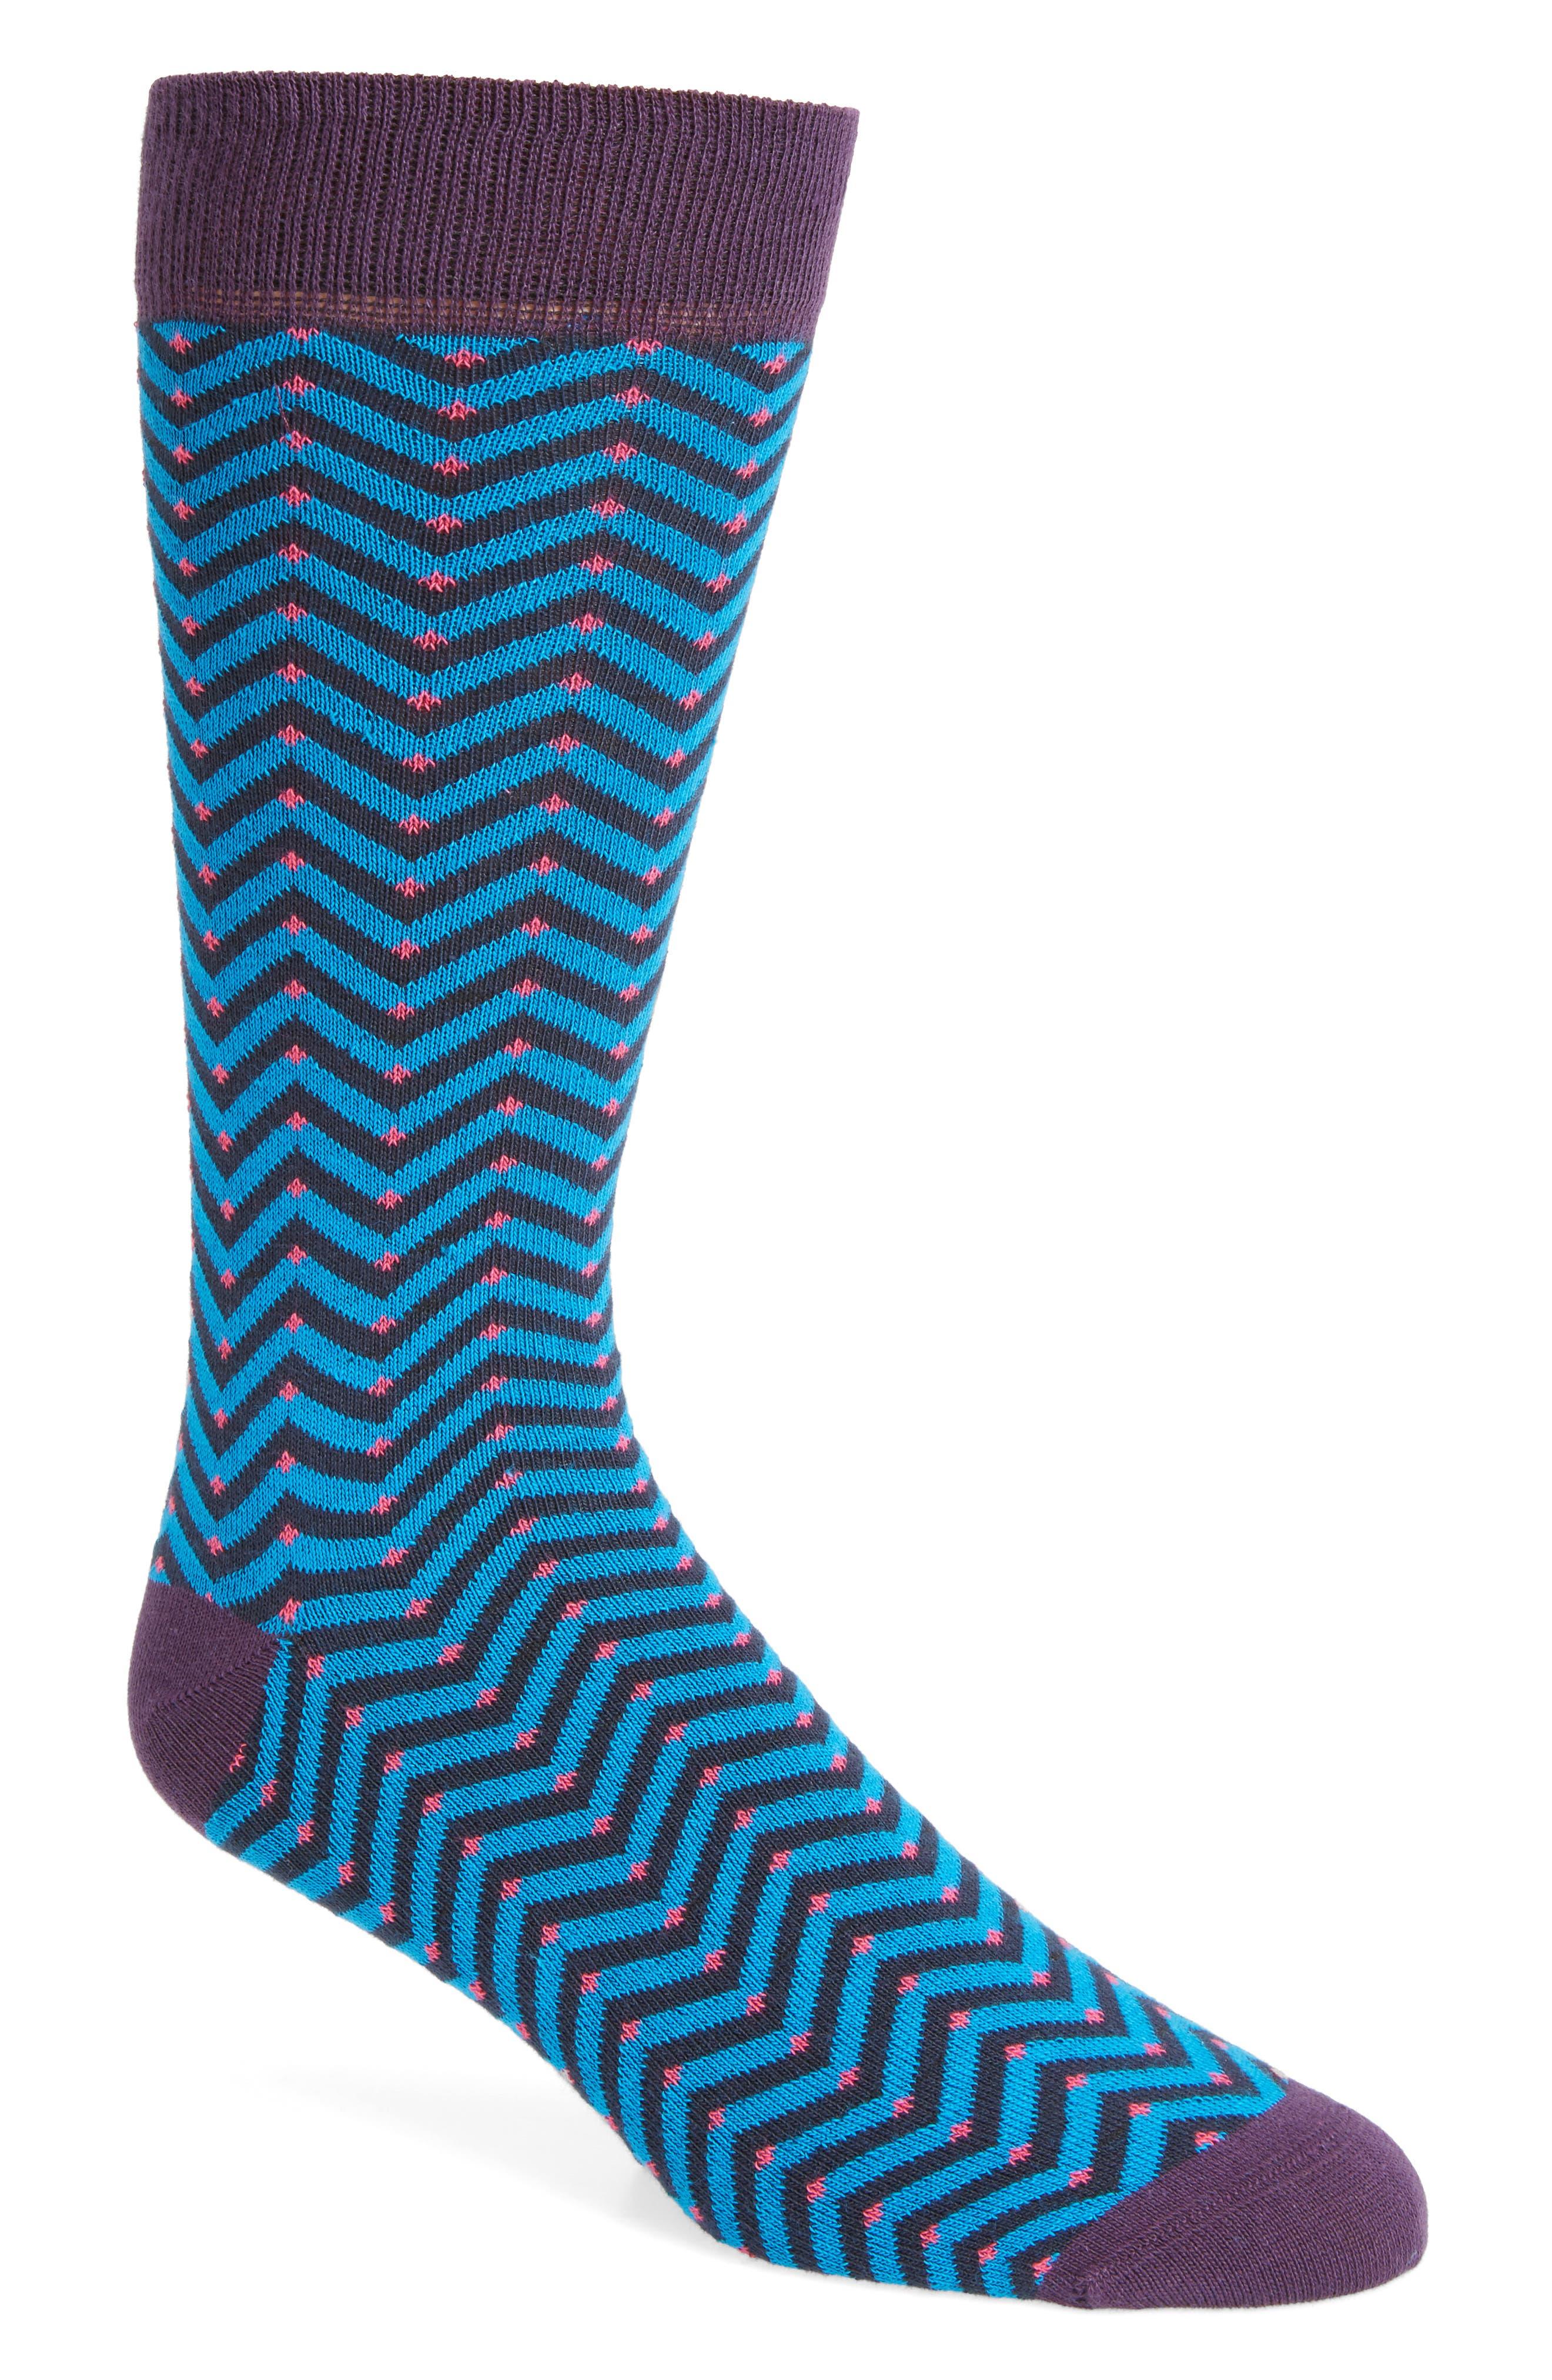 Chevron Stripe Socks,                         Main,                         color, 421